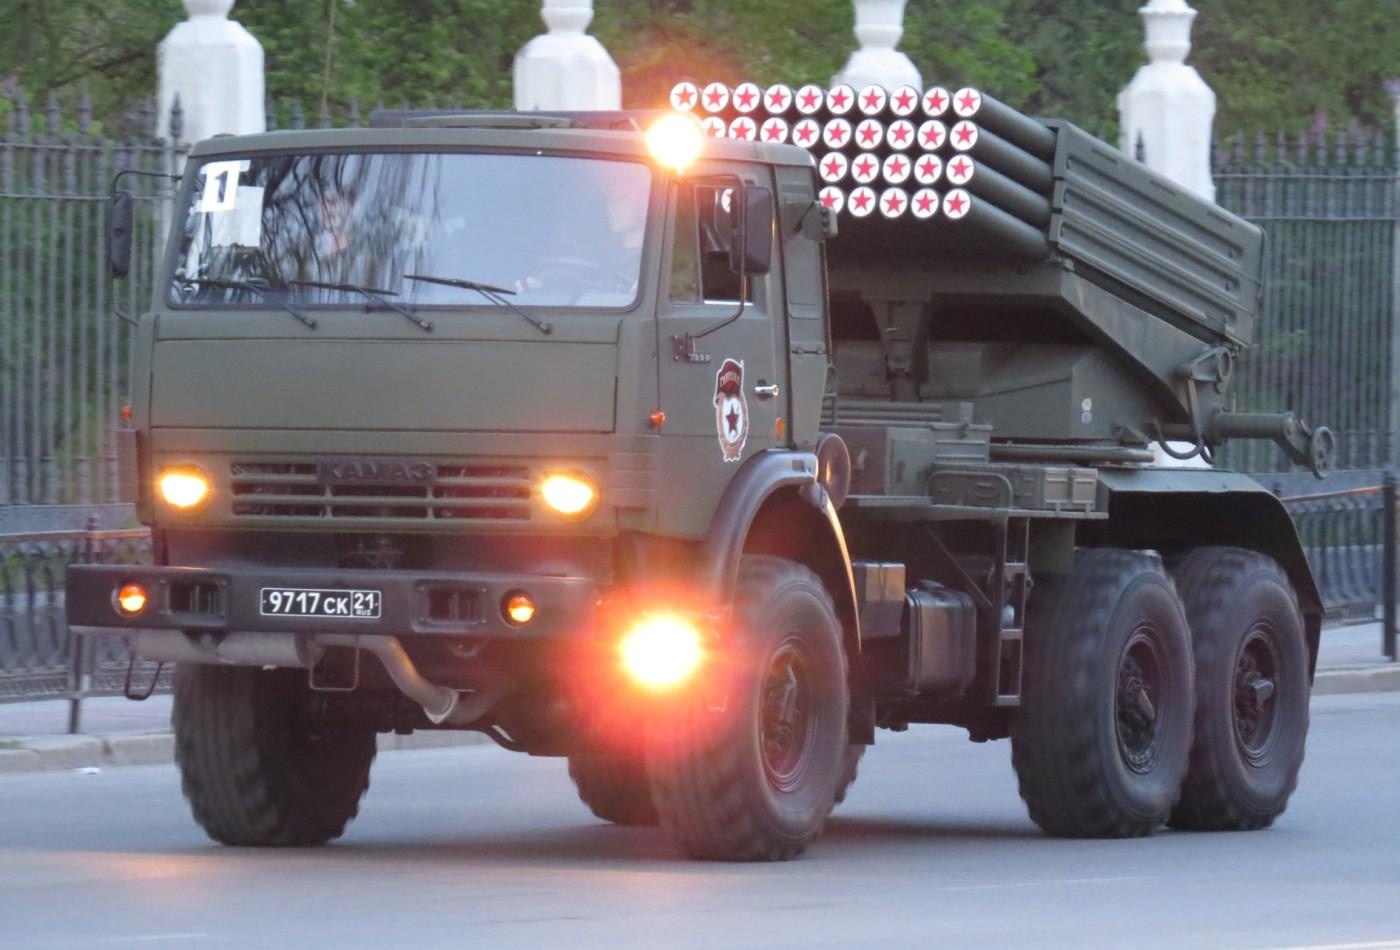 Военный Камаз Технические Характеристики и Расход Топлива  КамАЗ 5350 с ракетной установкой